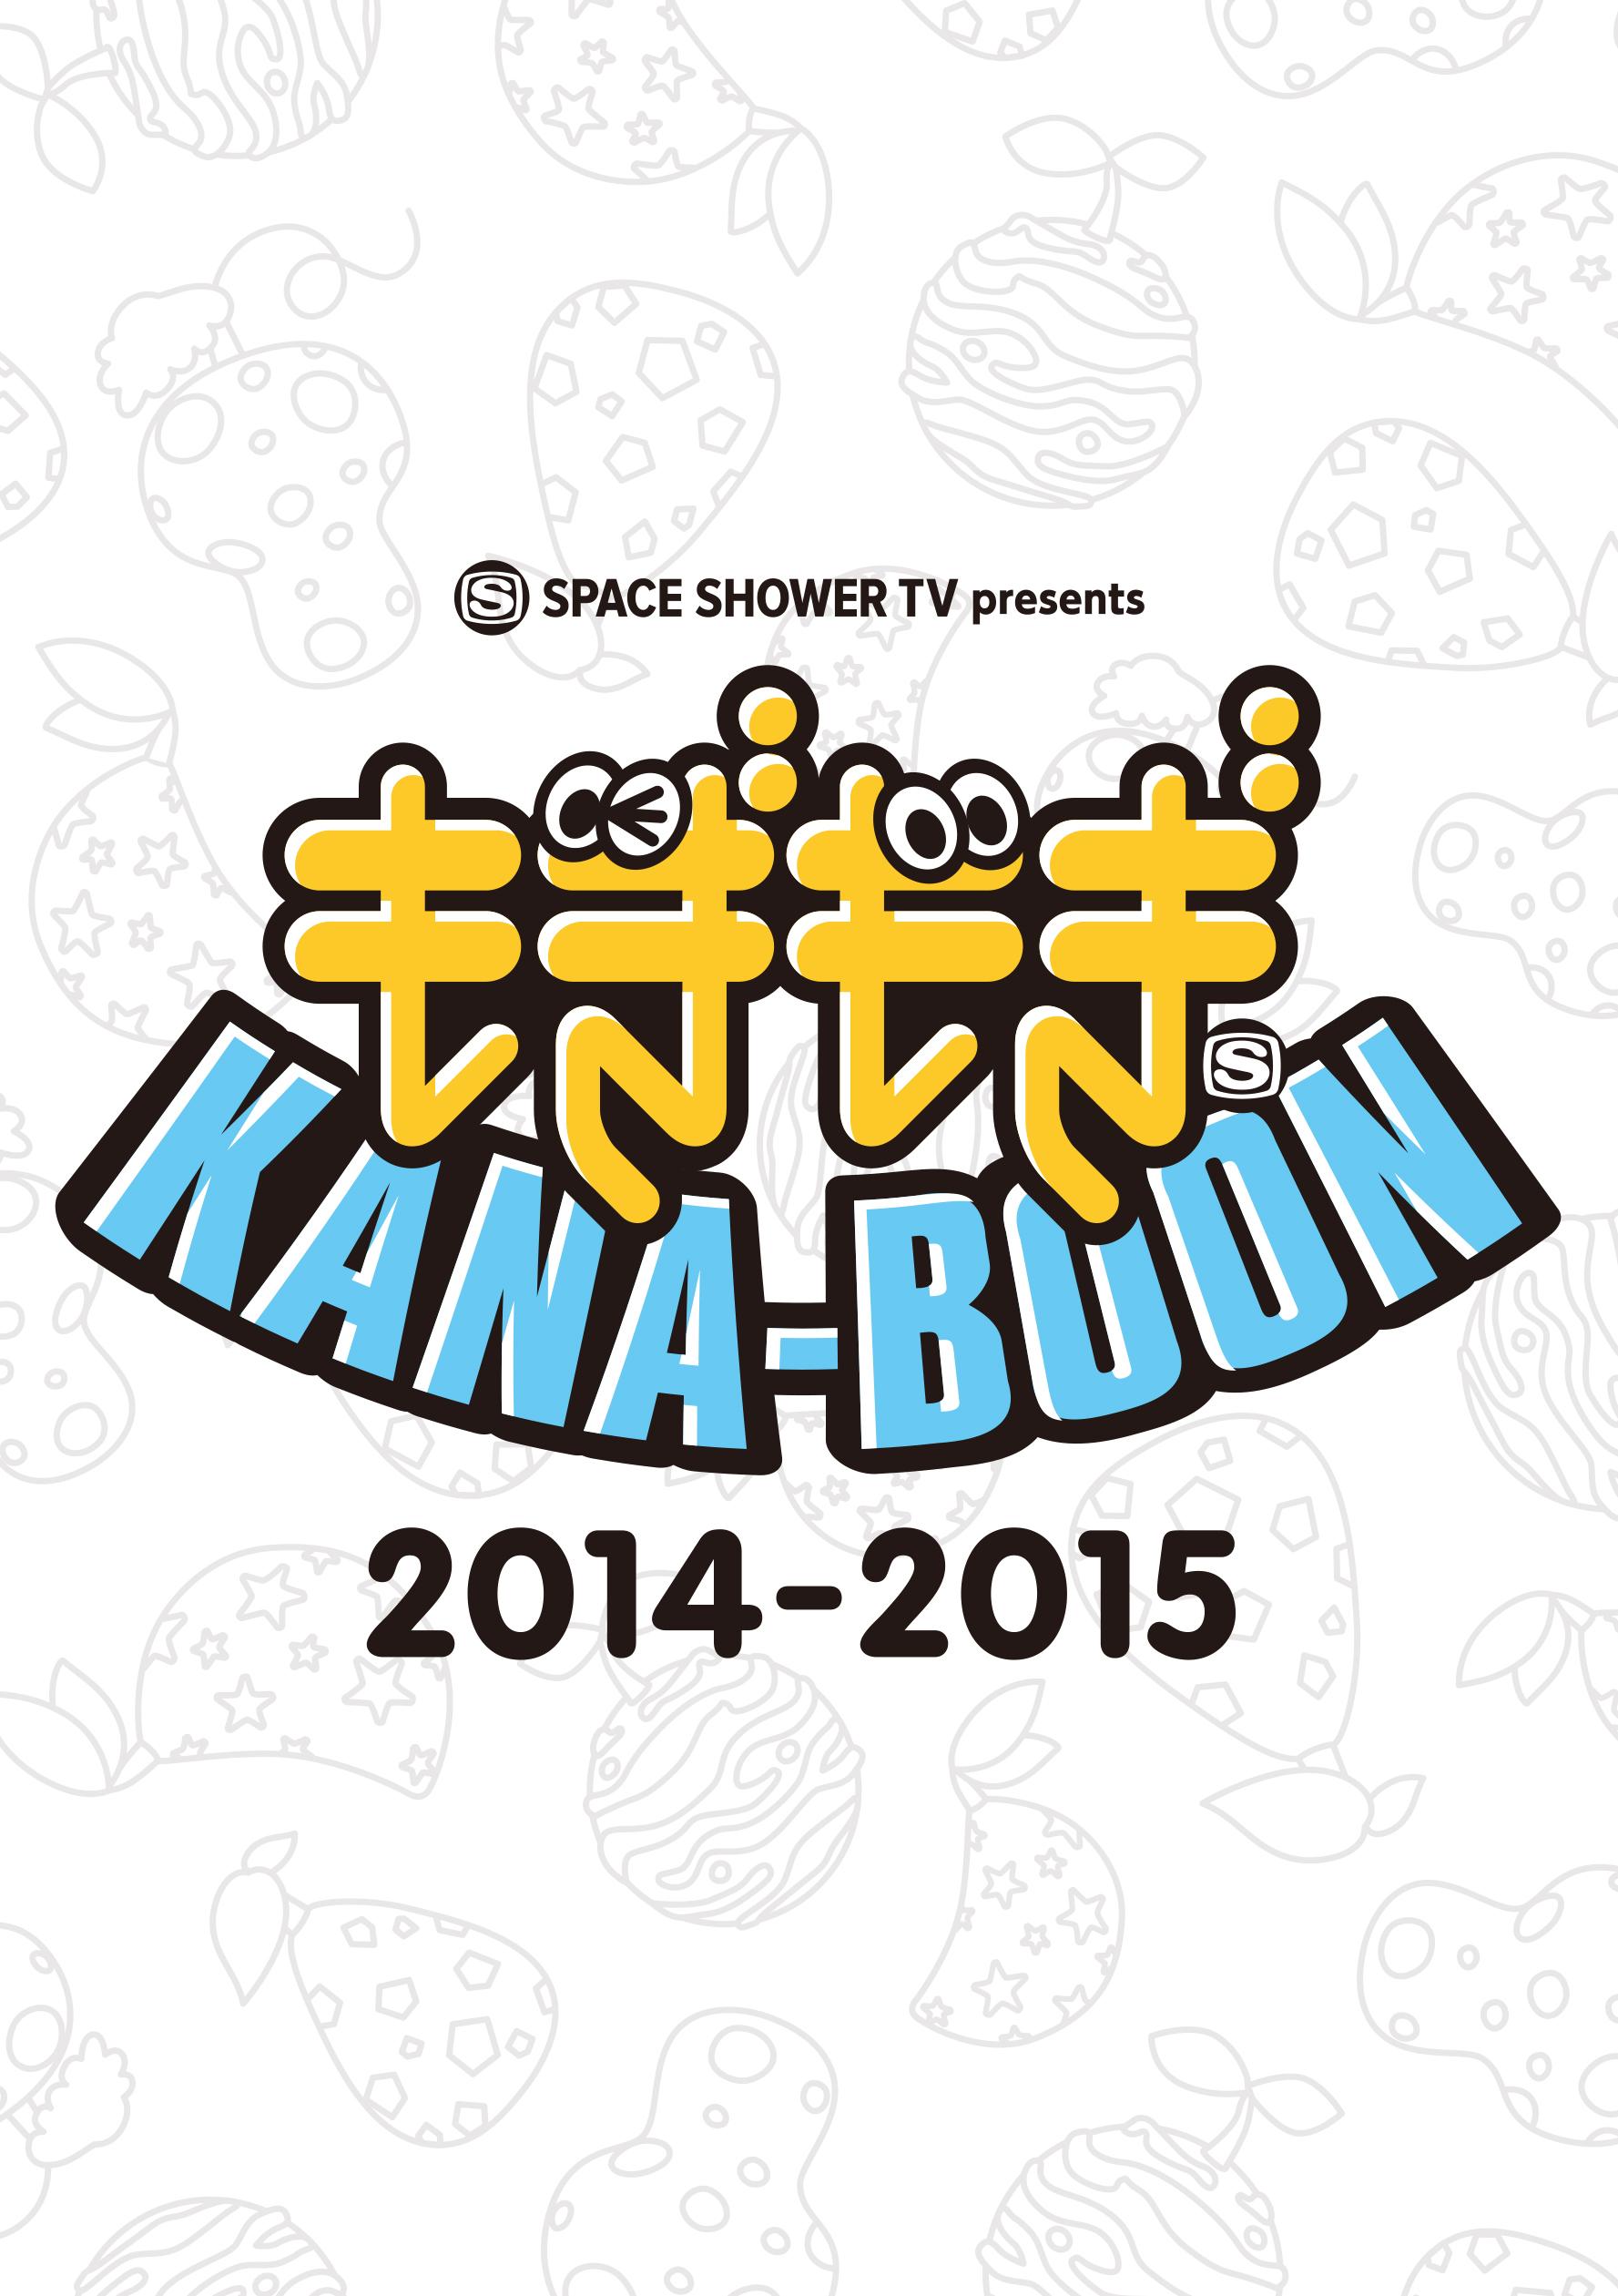 もぎもぎKANA-BOON 2014-2015